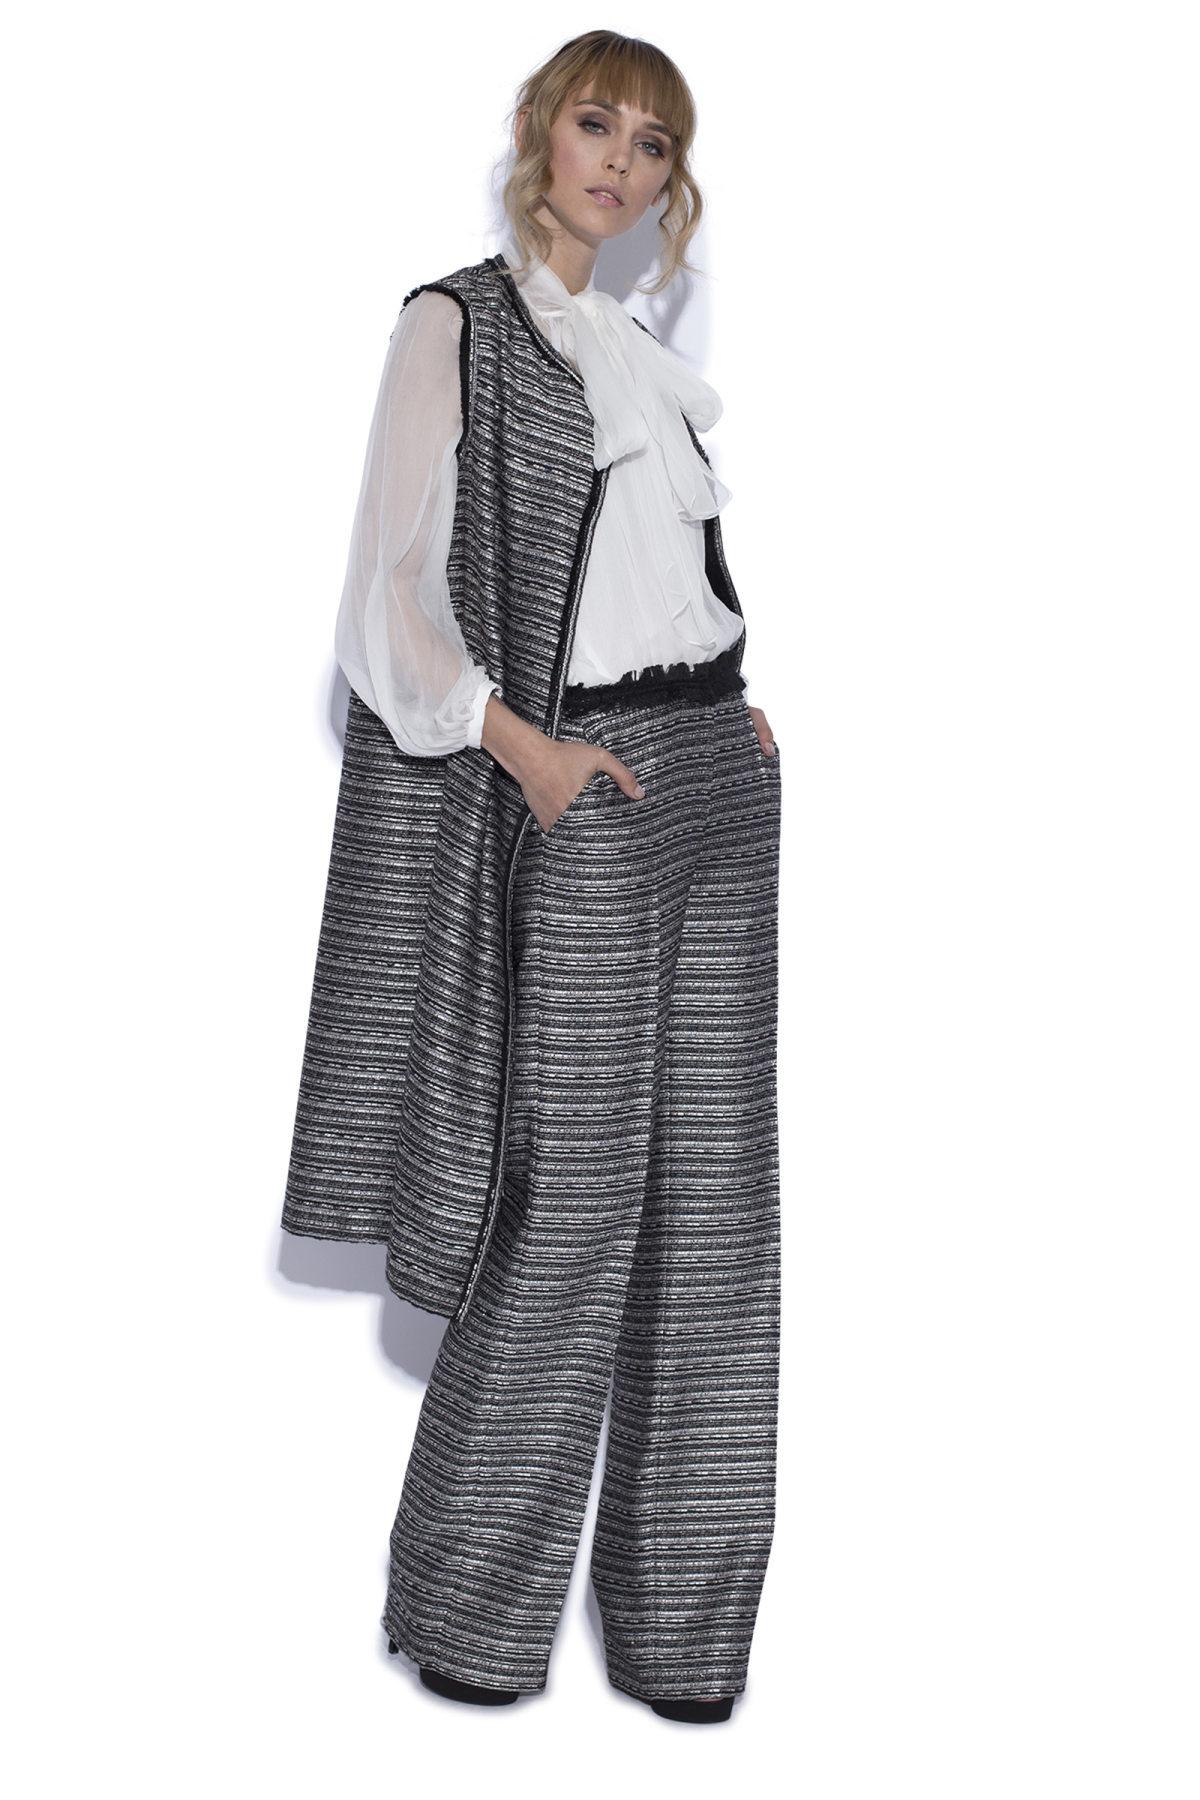 Pantaloni drepti cu fir metalic Alb Negru